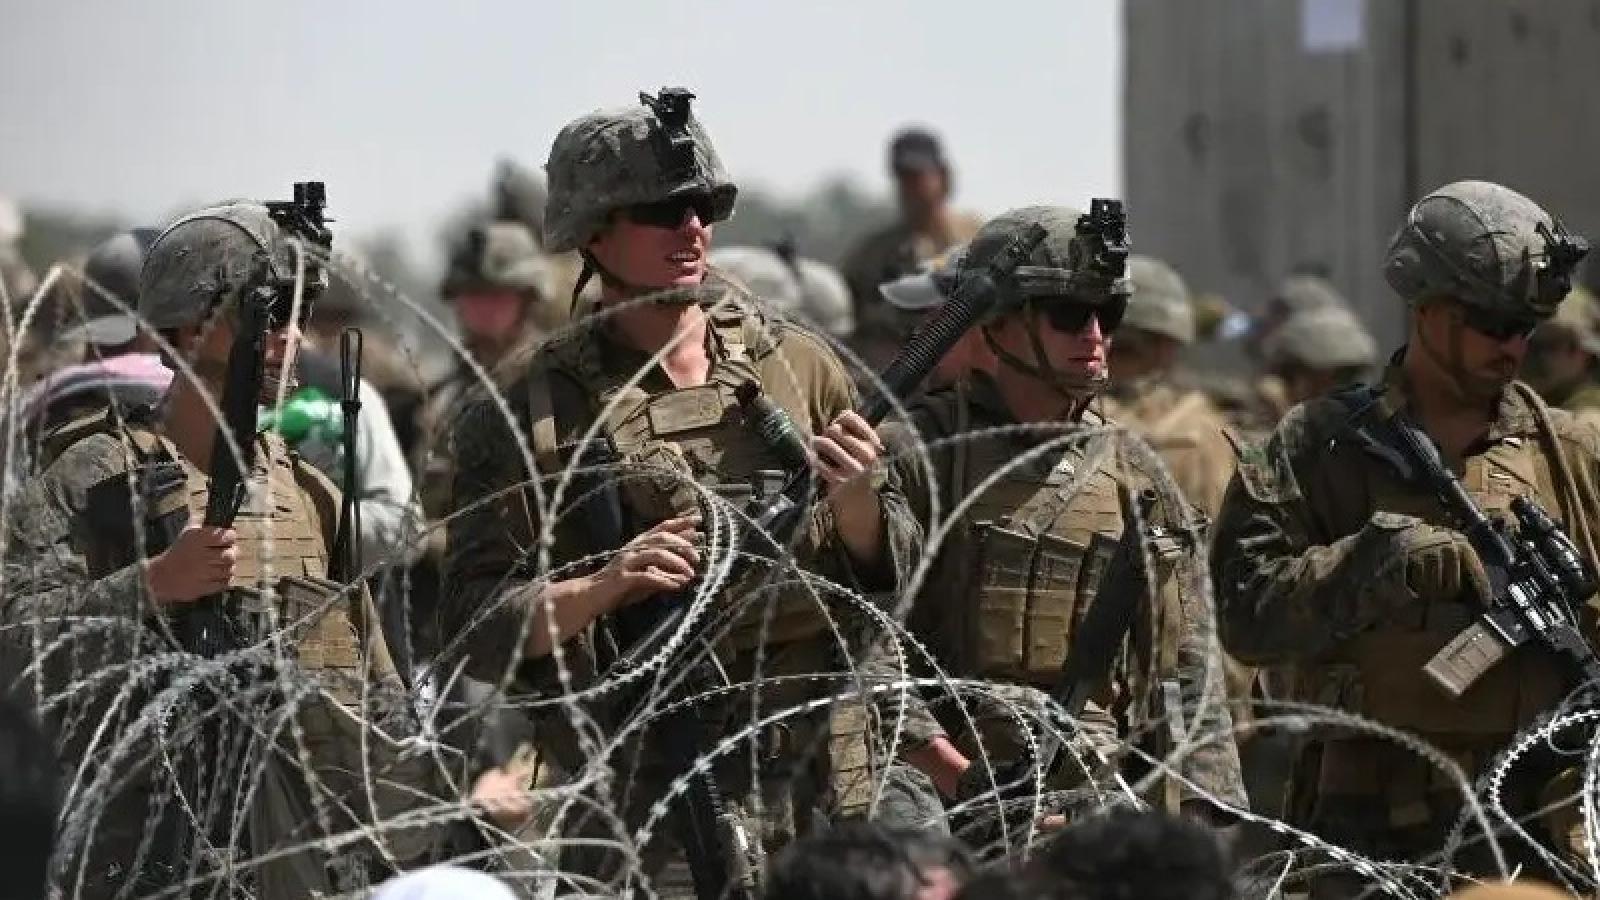 Ít nhất 31 binh sĩ Mỹ thương vong trong vụ tấn công khủng bố ở sân bay Kabul